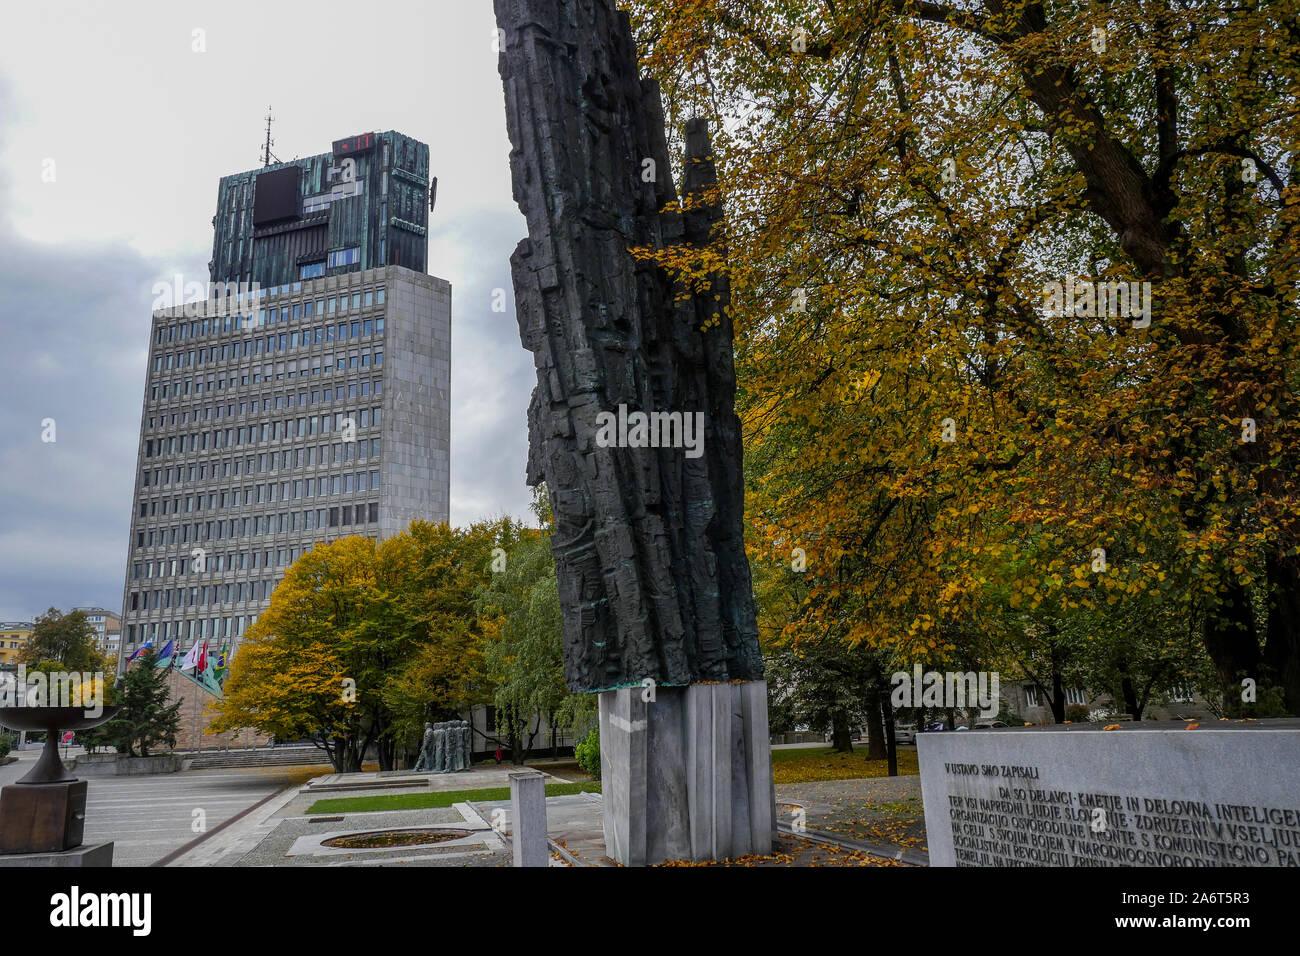 Homage To The Revolution Spomenik Revolucije Republic Square